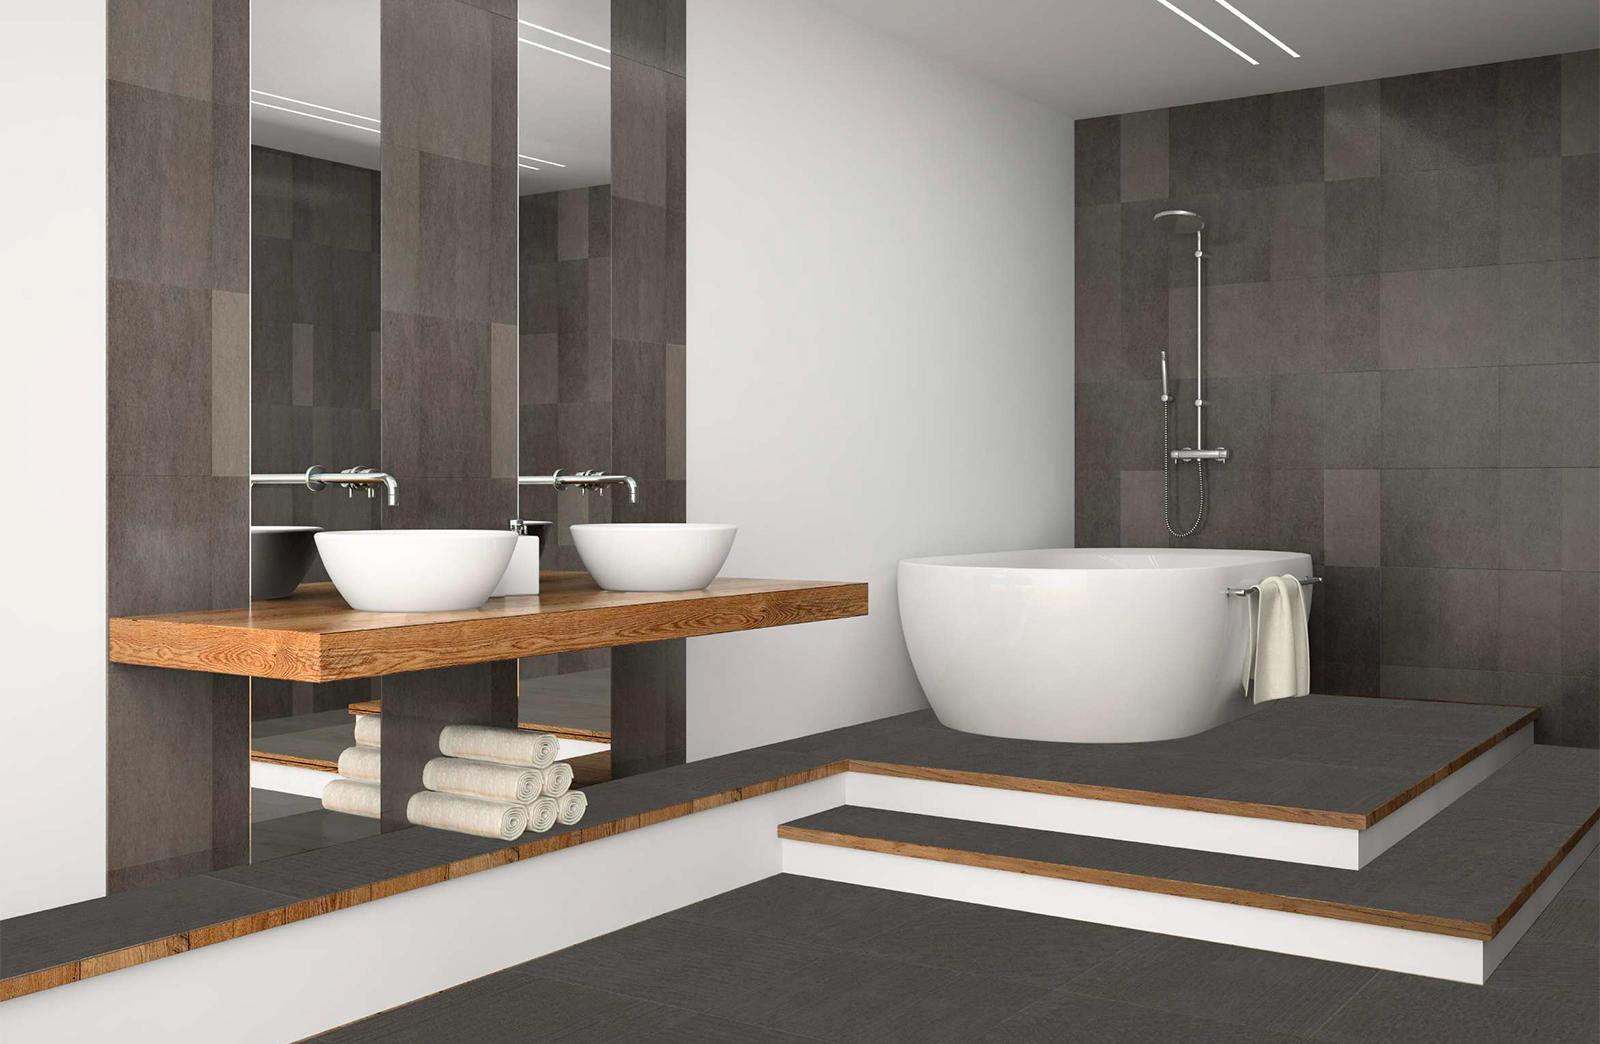 eurotilestoneultimadeabelugabathroom  Euro Tile  Stone Euro Tile  Stone